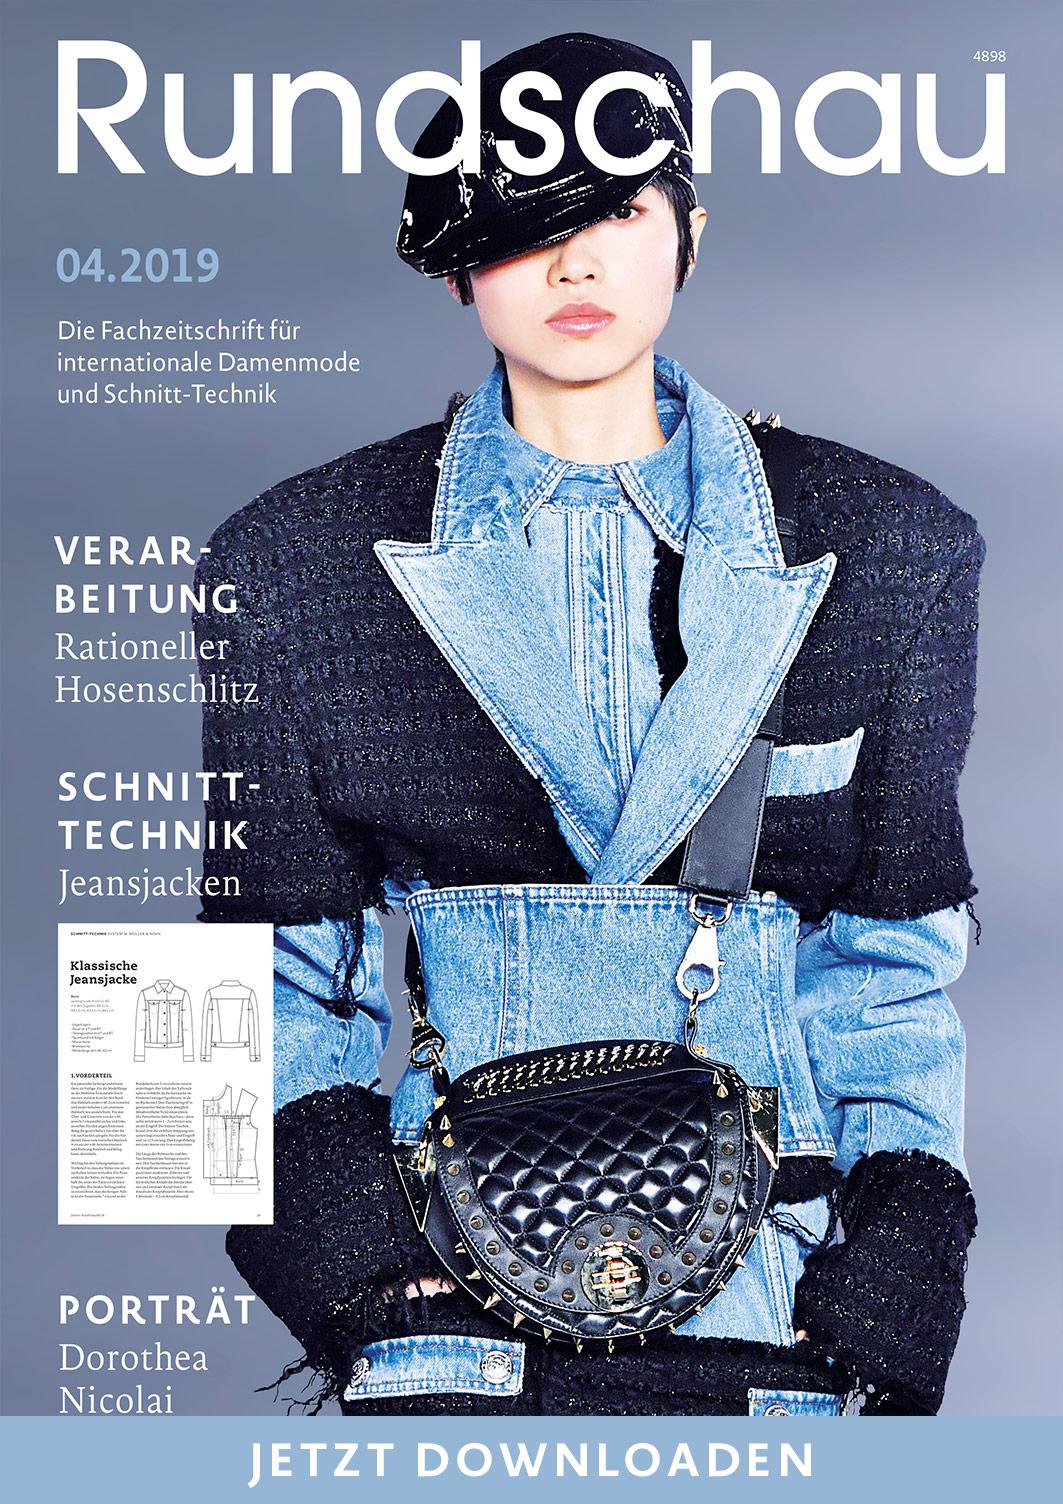 Titel Schnellansicht der Fachzeitschrift für internationale Damenmode und Schnitt-Technik